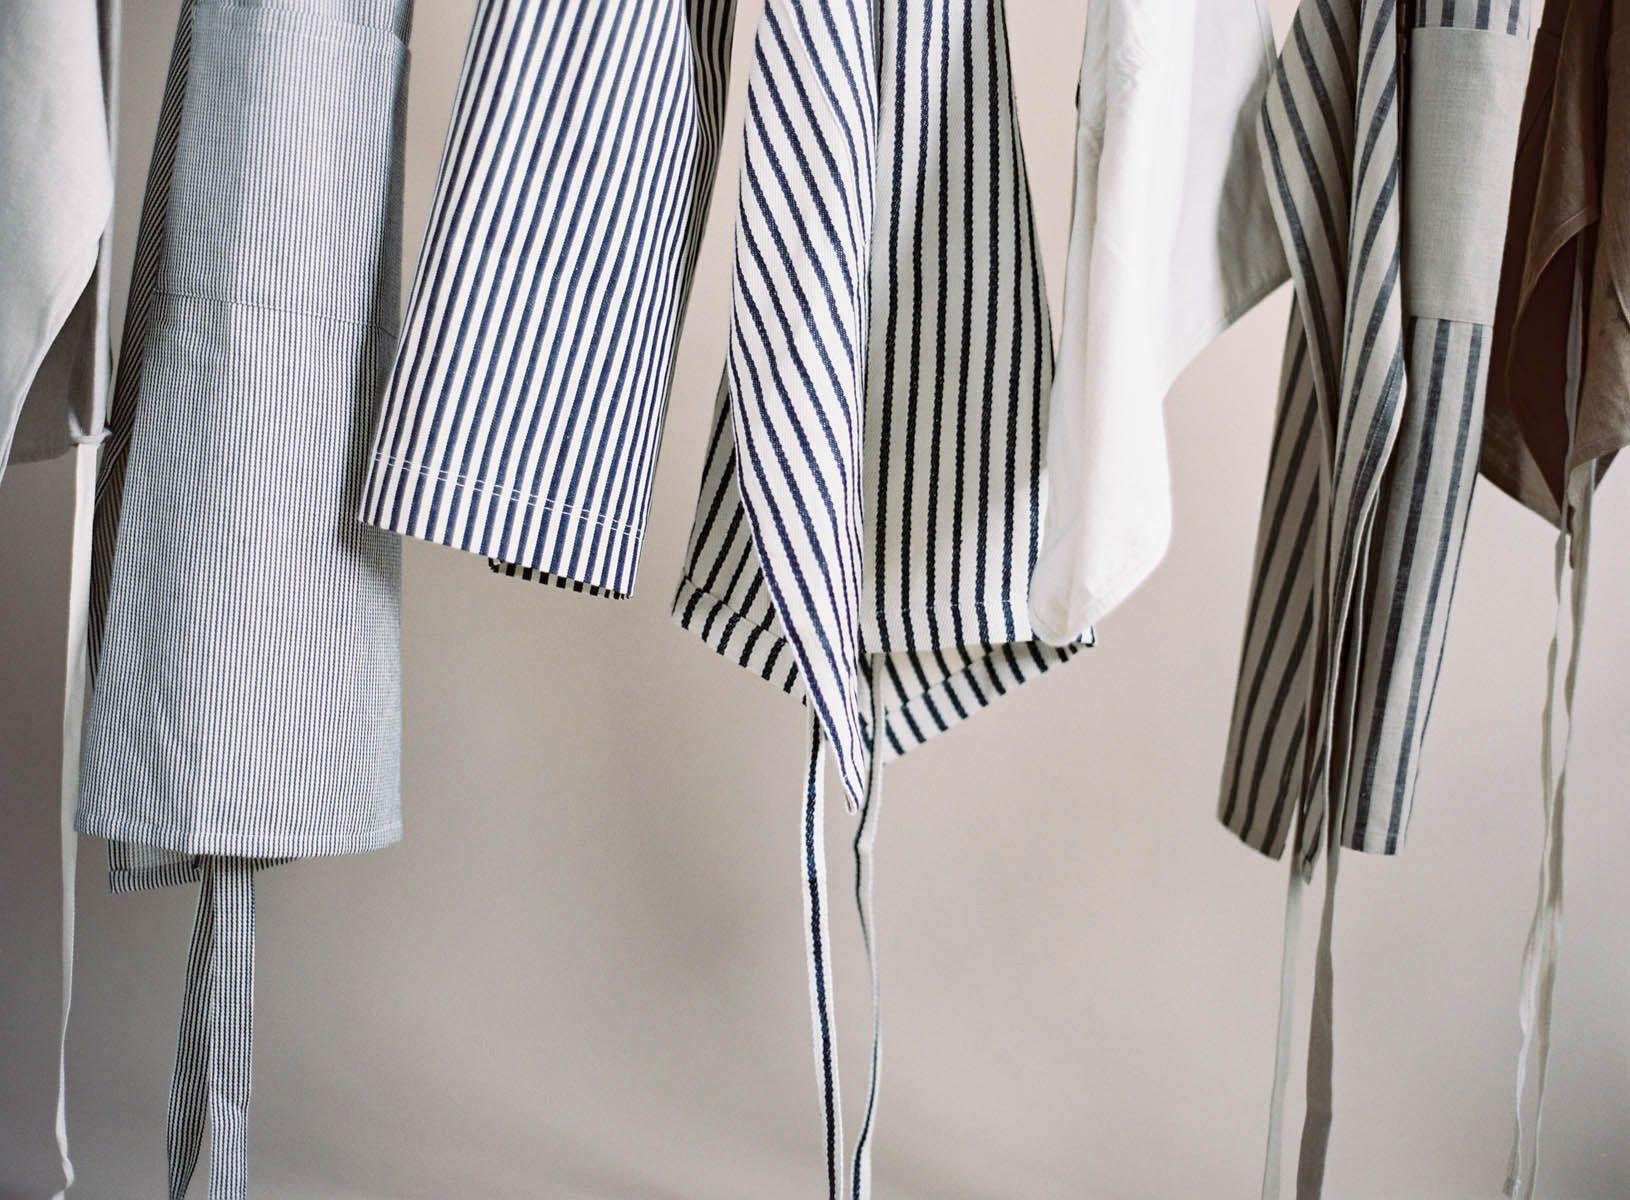 White linen apron - Our Favorite Aprons Kinfolk Fog Linen Work